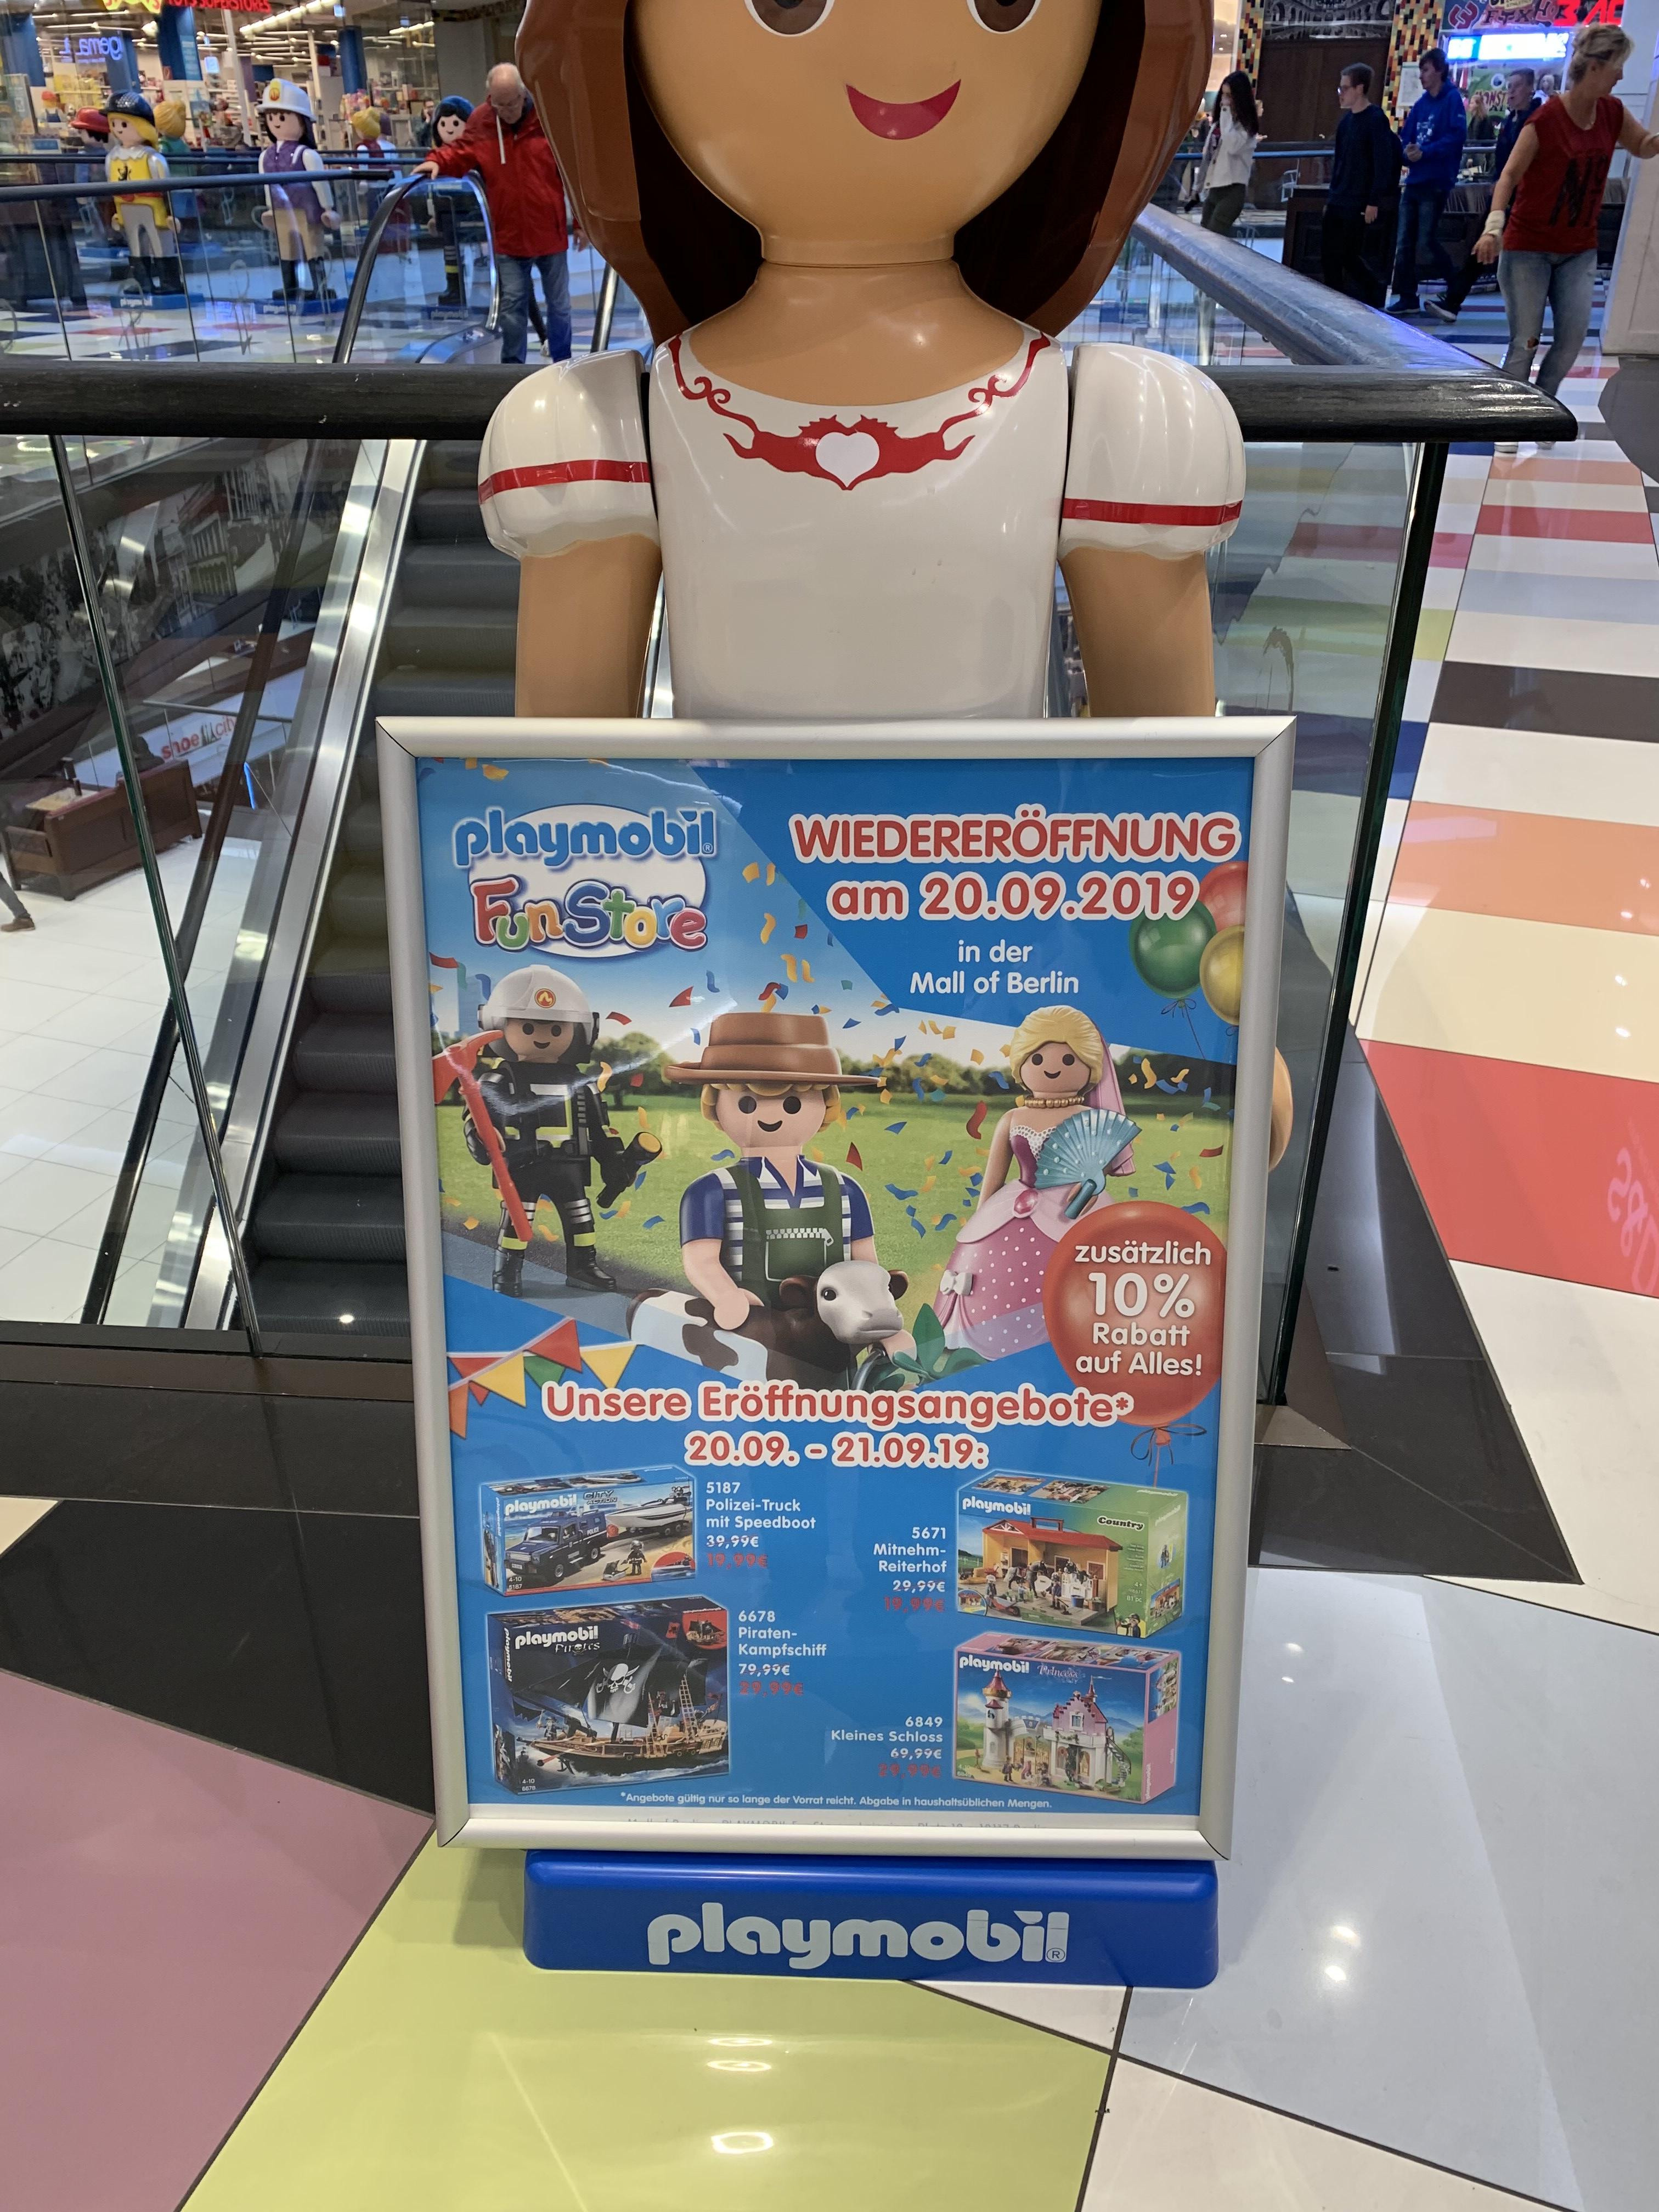 (Lokal Berlin) Neueröffnung Playmobilstore in der Mall of Berlin Playmobil 6678 & 6849 für jeweils 29,99€